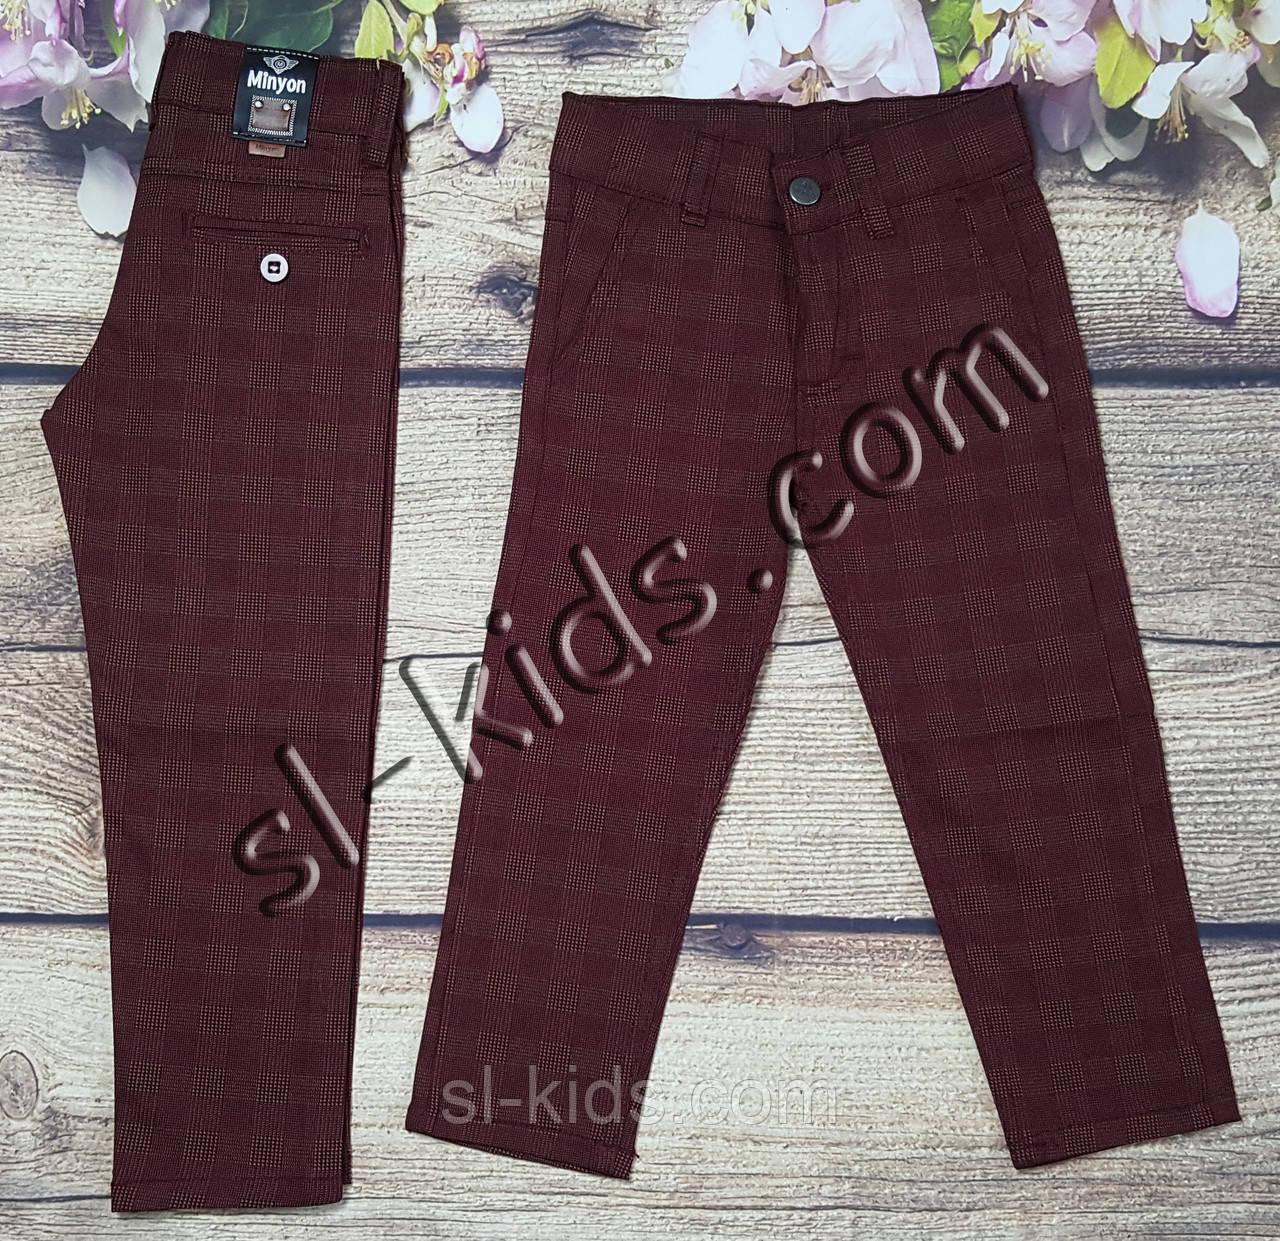 Яркие штаны,джинсы в клетку для мальчика 3-7 лет(бордо) розн пр.Турция